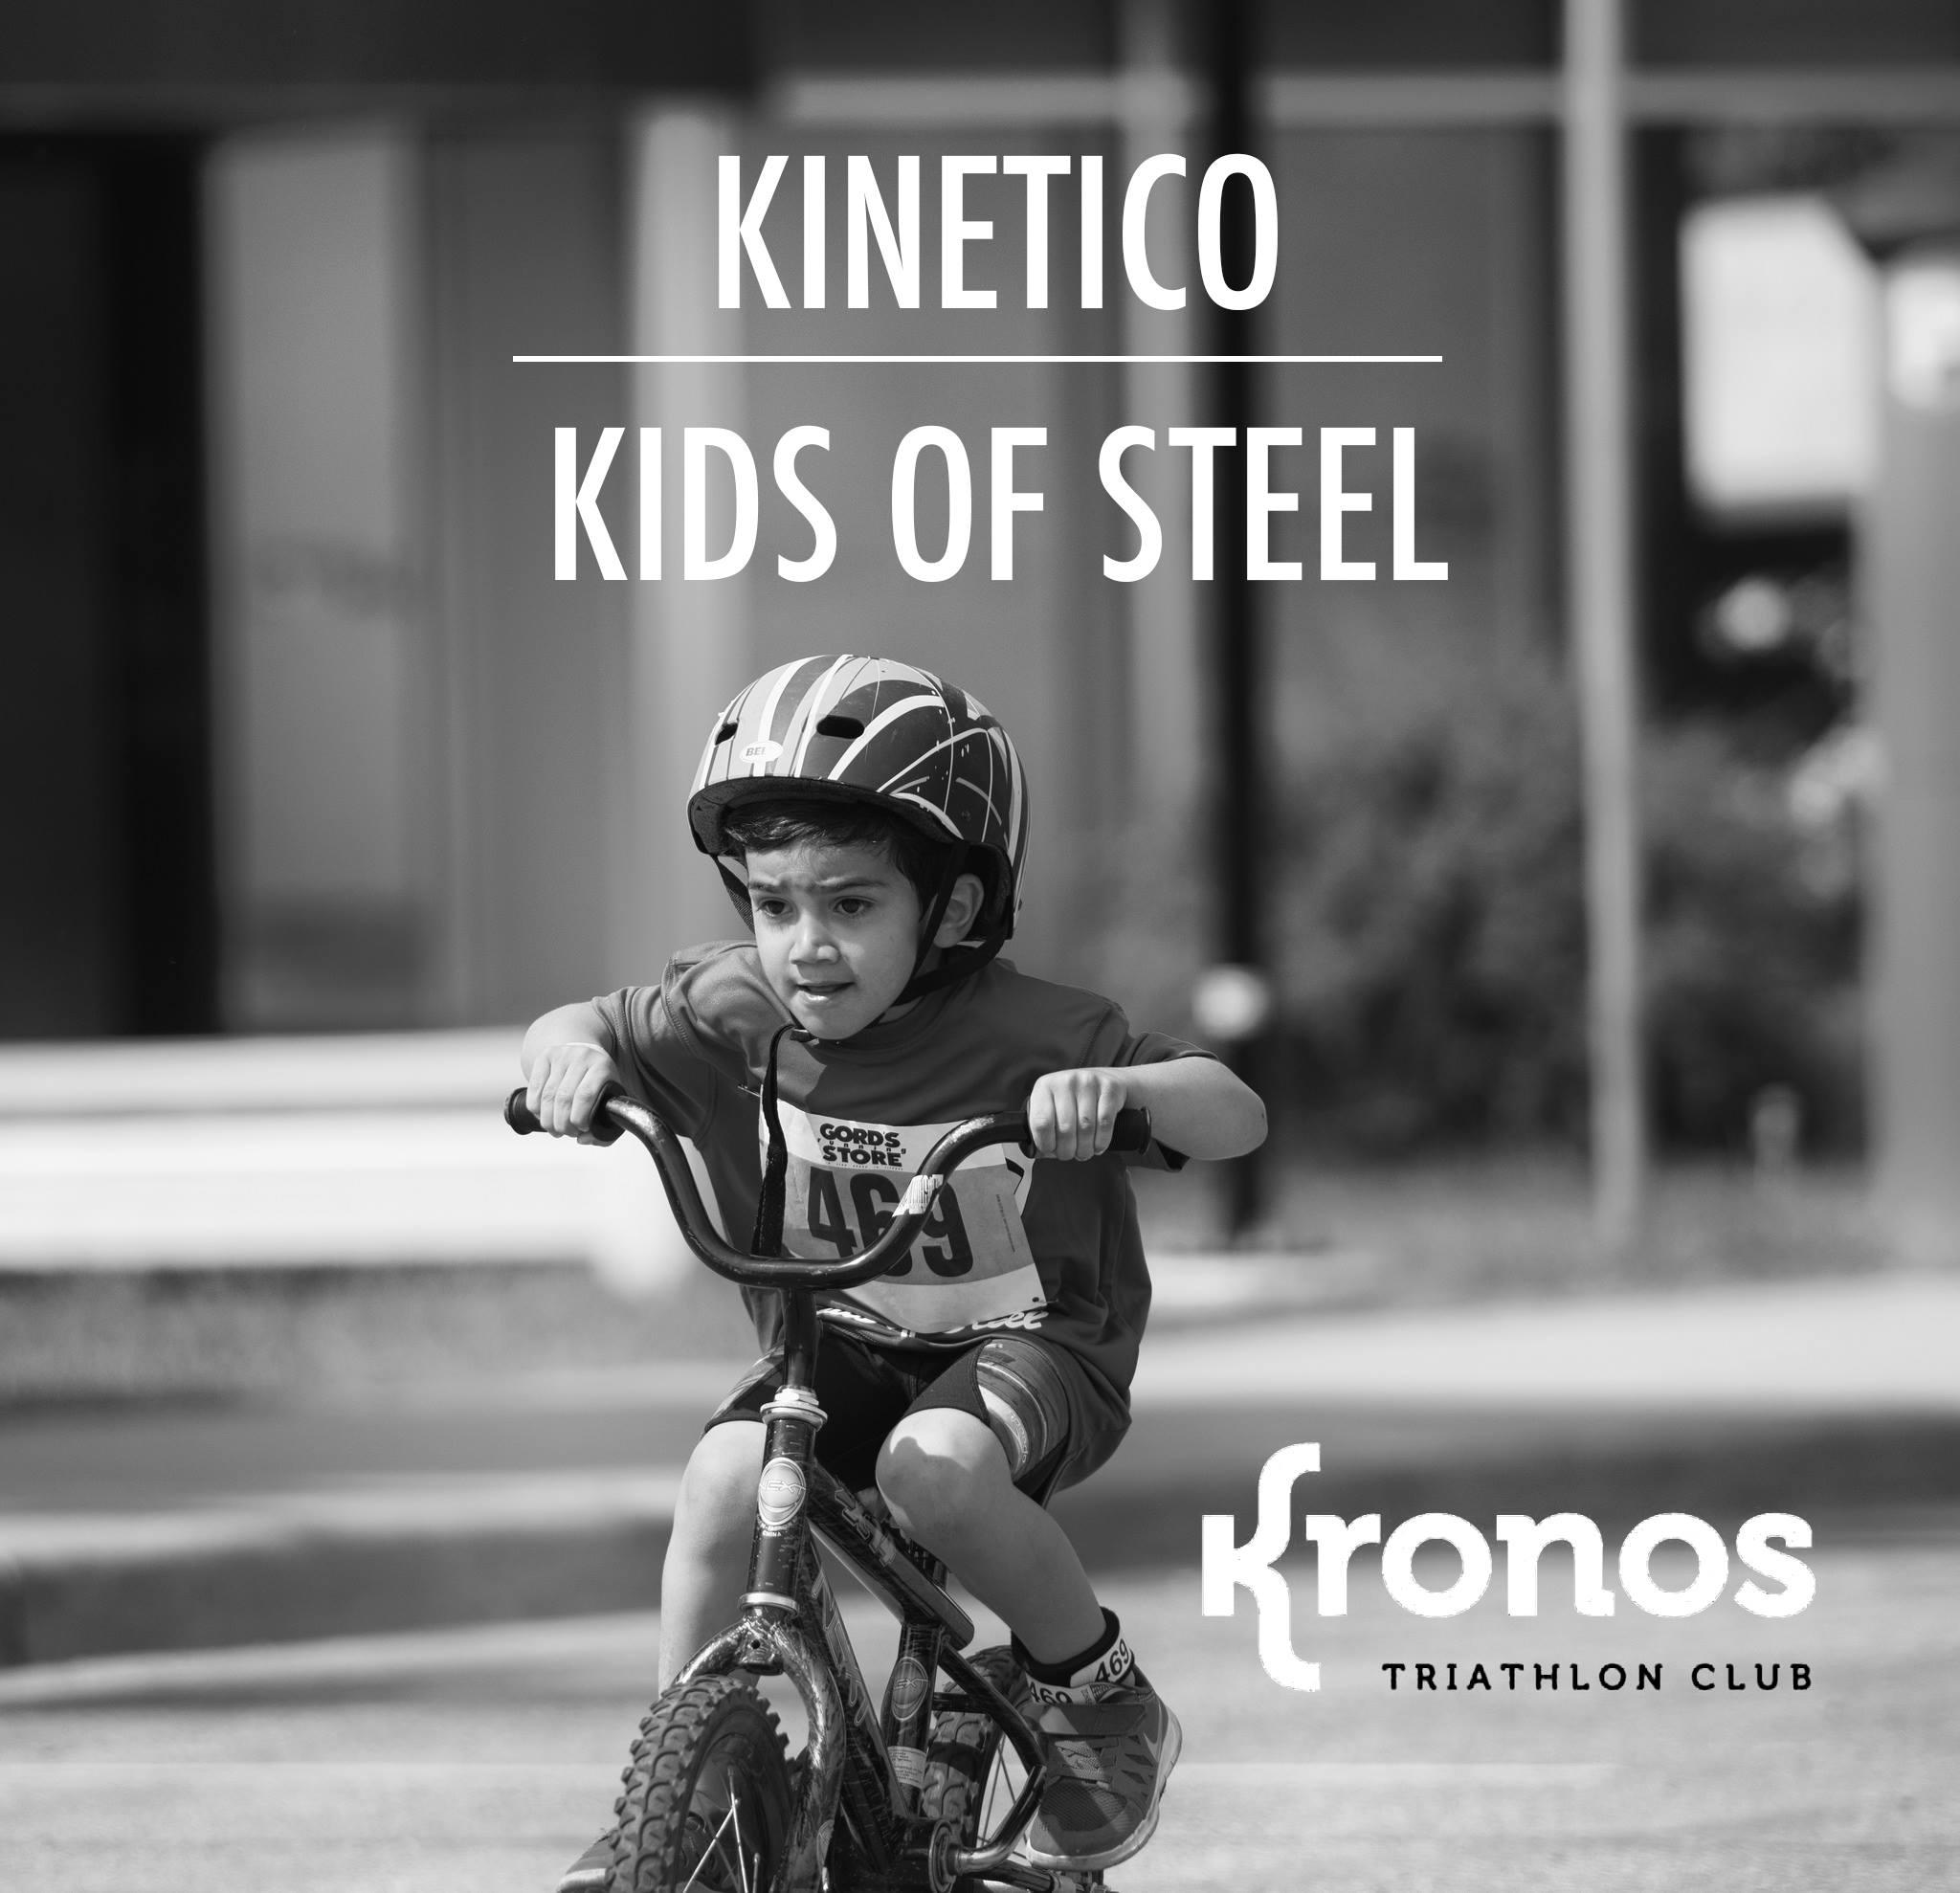 kids of steel cute kid.jpg